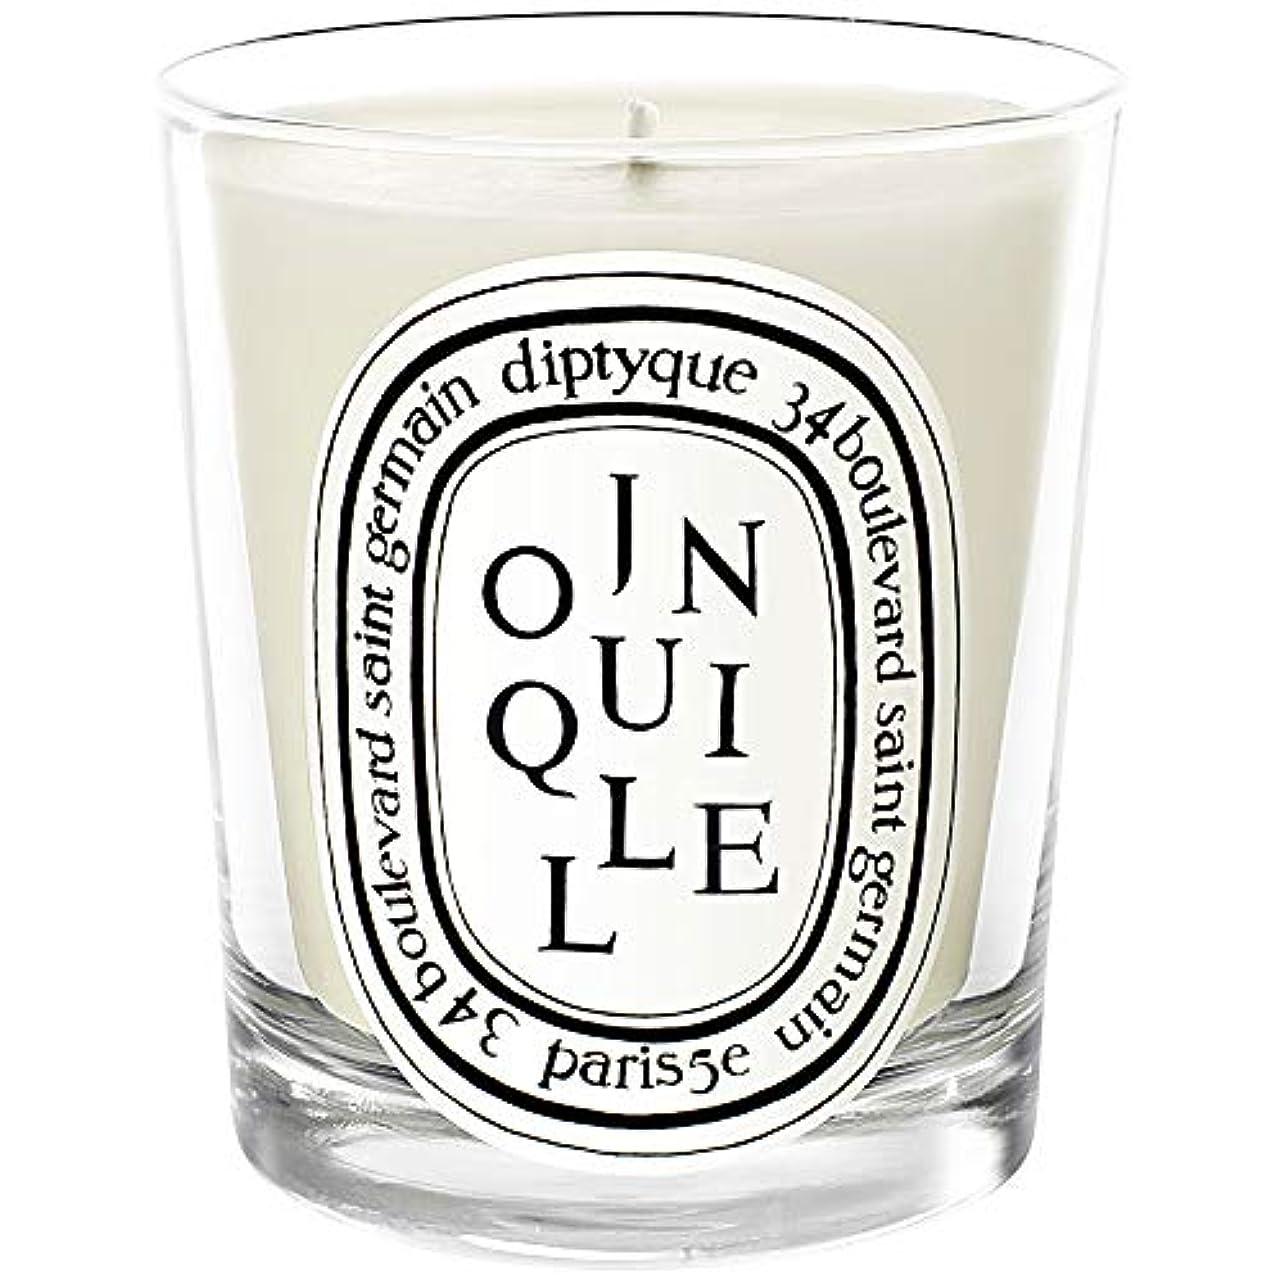 ジャケットポルティコ怠な[Diptyque] Diptyque Jonquilleキャンドル190グラム - Diptyque Jonquille Candle 190g [並行輸入品]